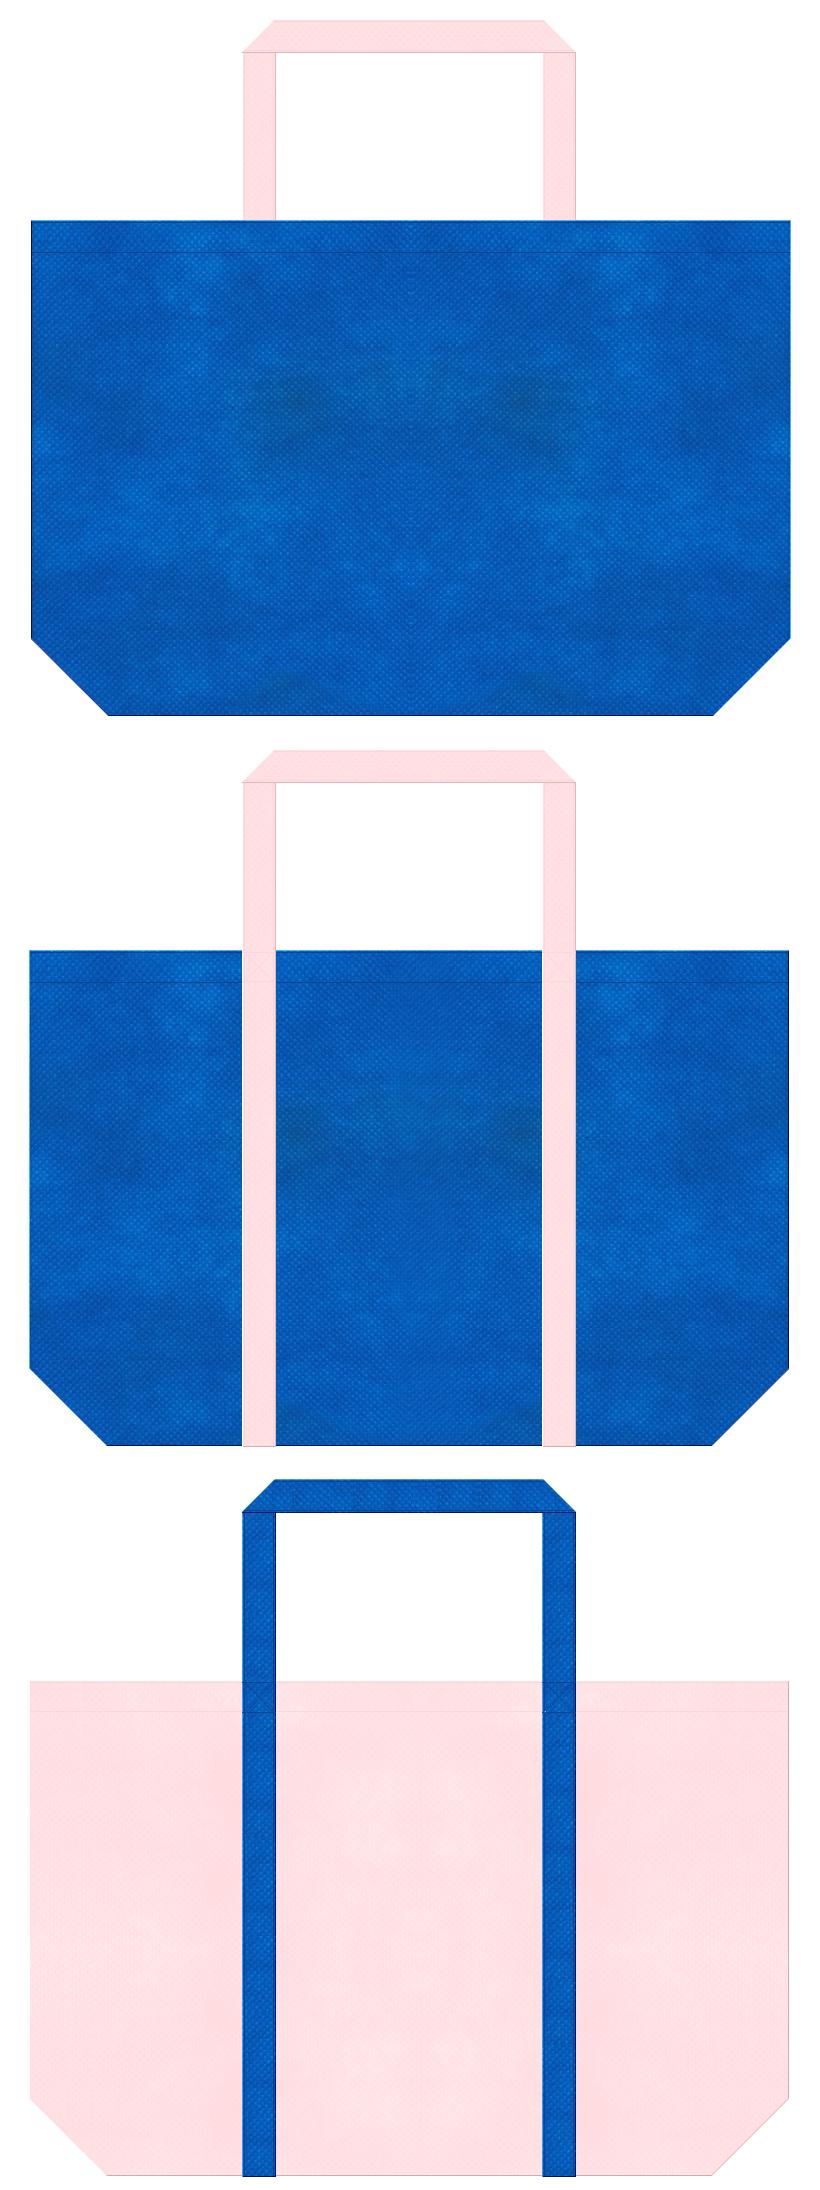 不織布トートバッグ 舟底タイプ 不織布カラーNo.22スカイブルーとNo.26ライトピンクの組み合わせ